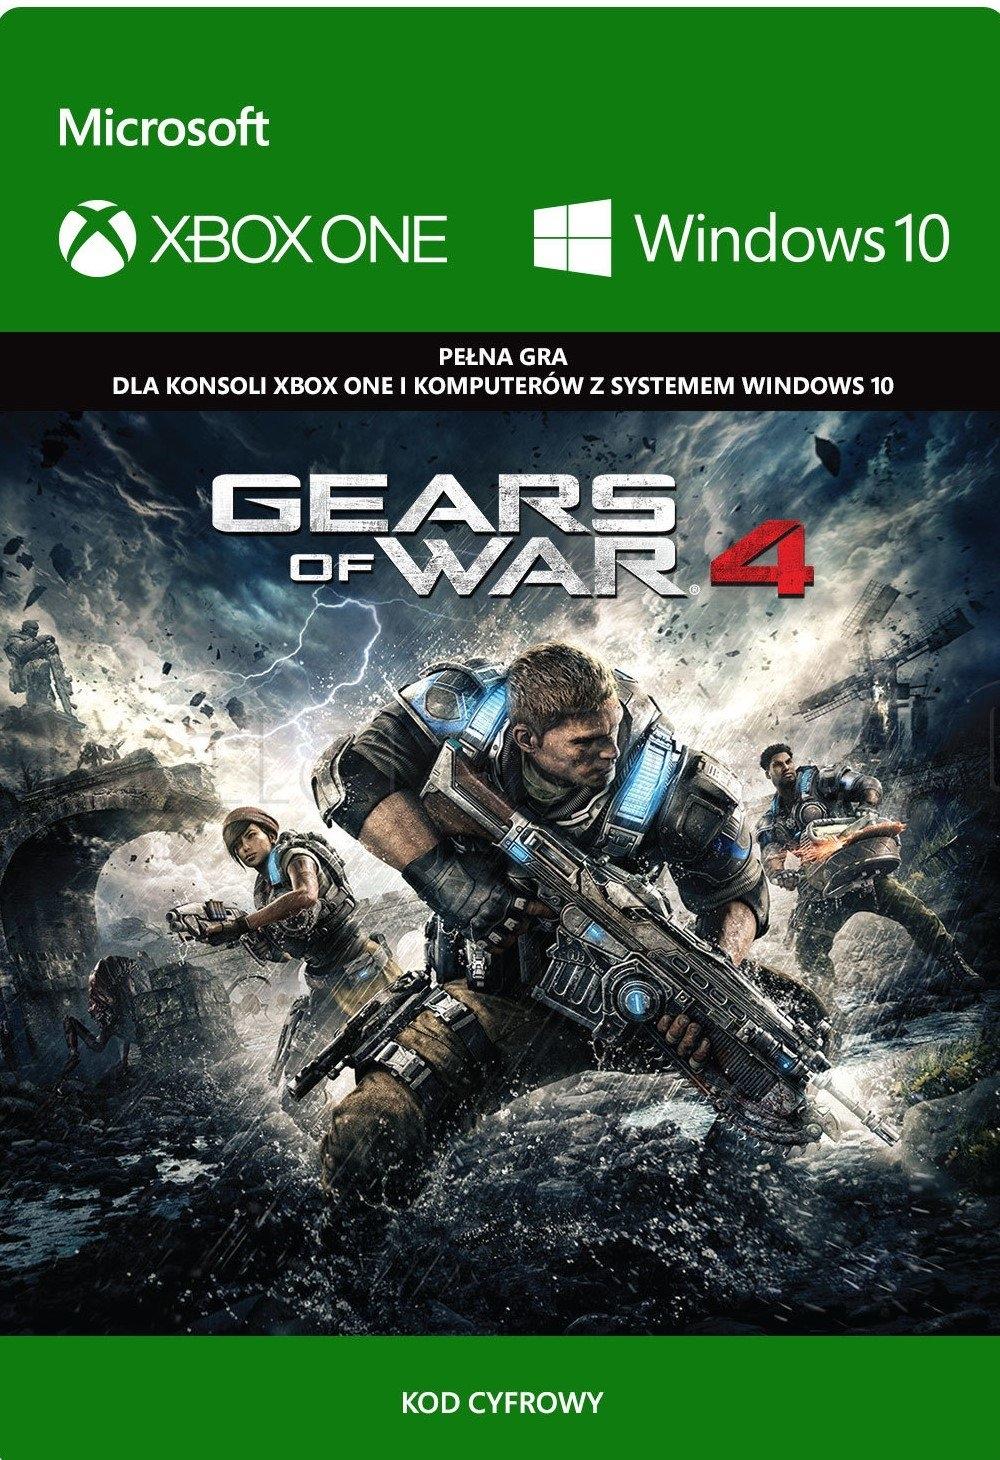 Gears of War 4 (PC/XONE) DIGITAL (PC)